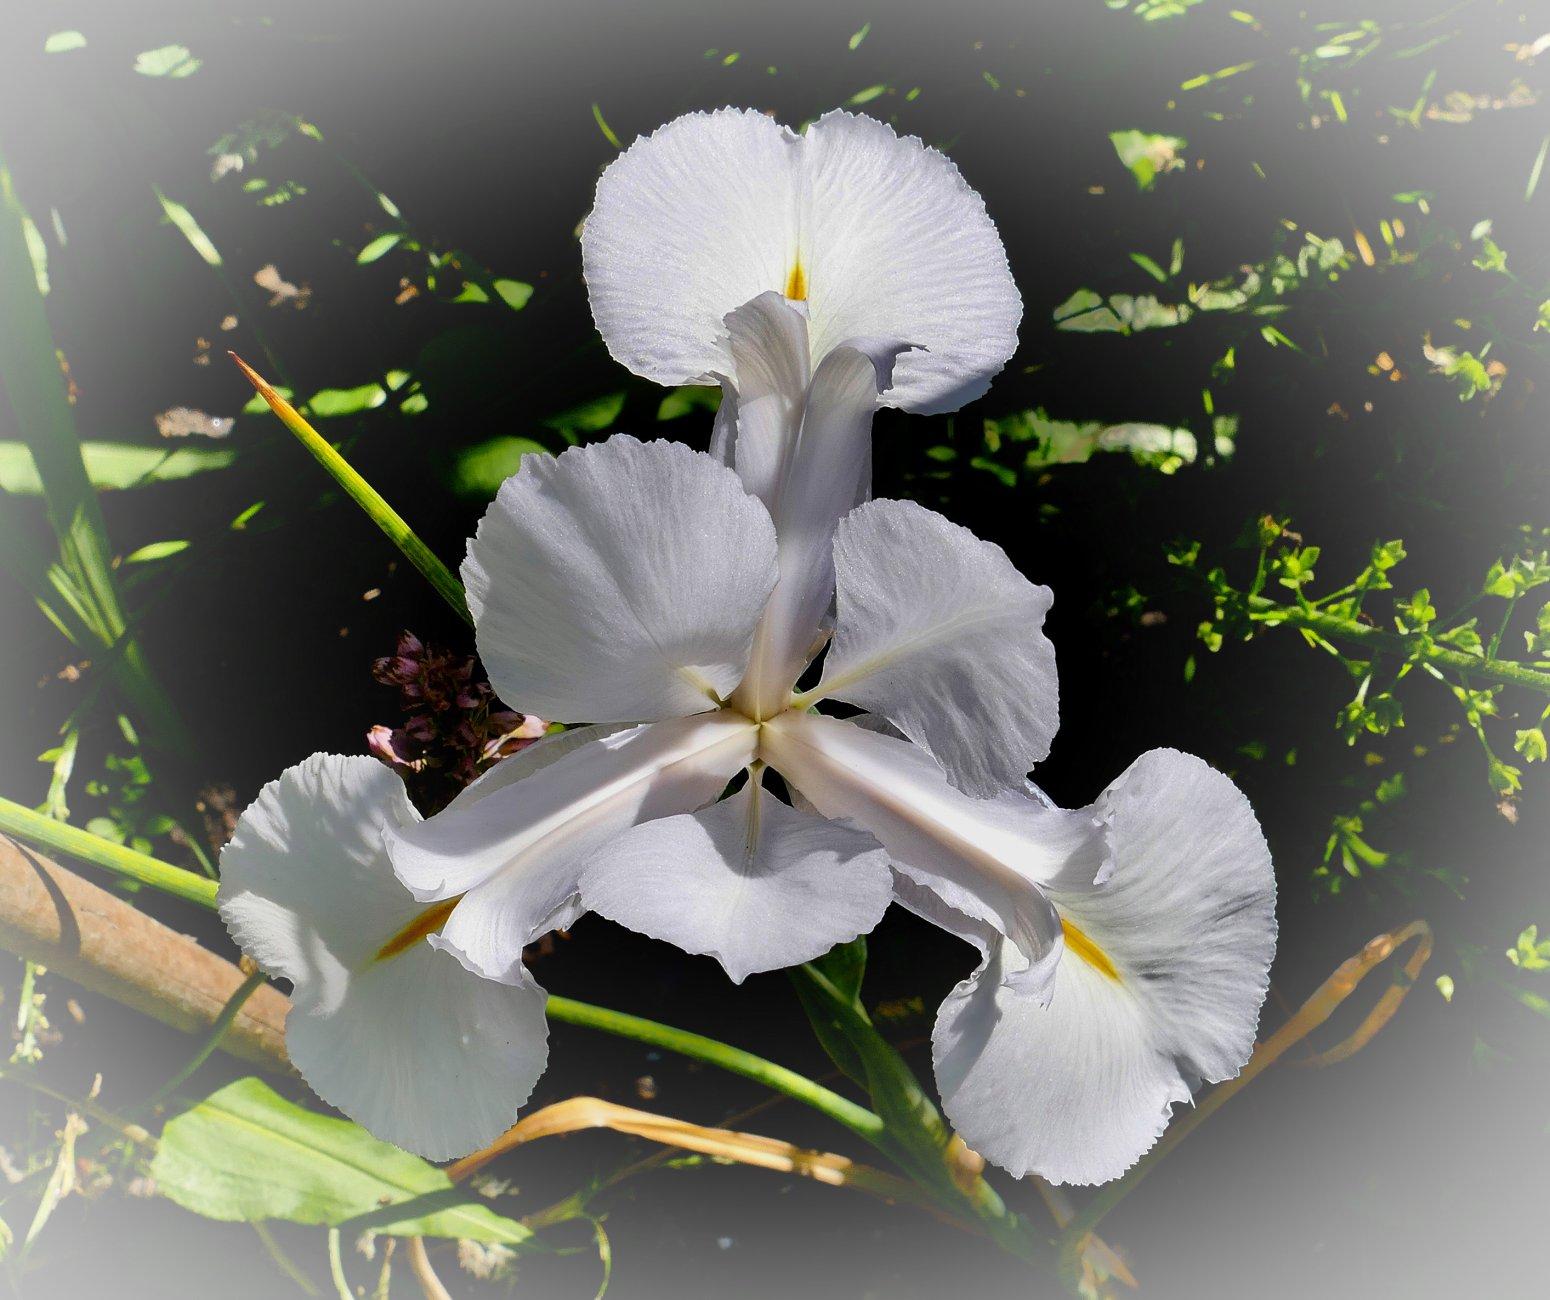 Symmetry - white Iris